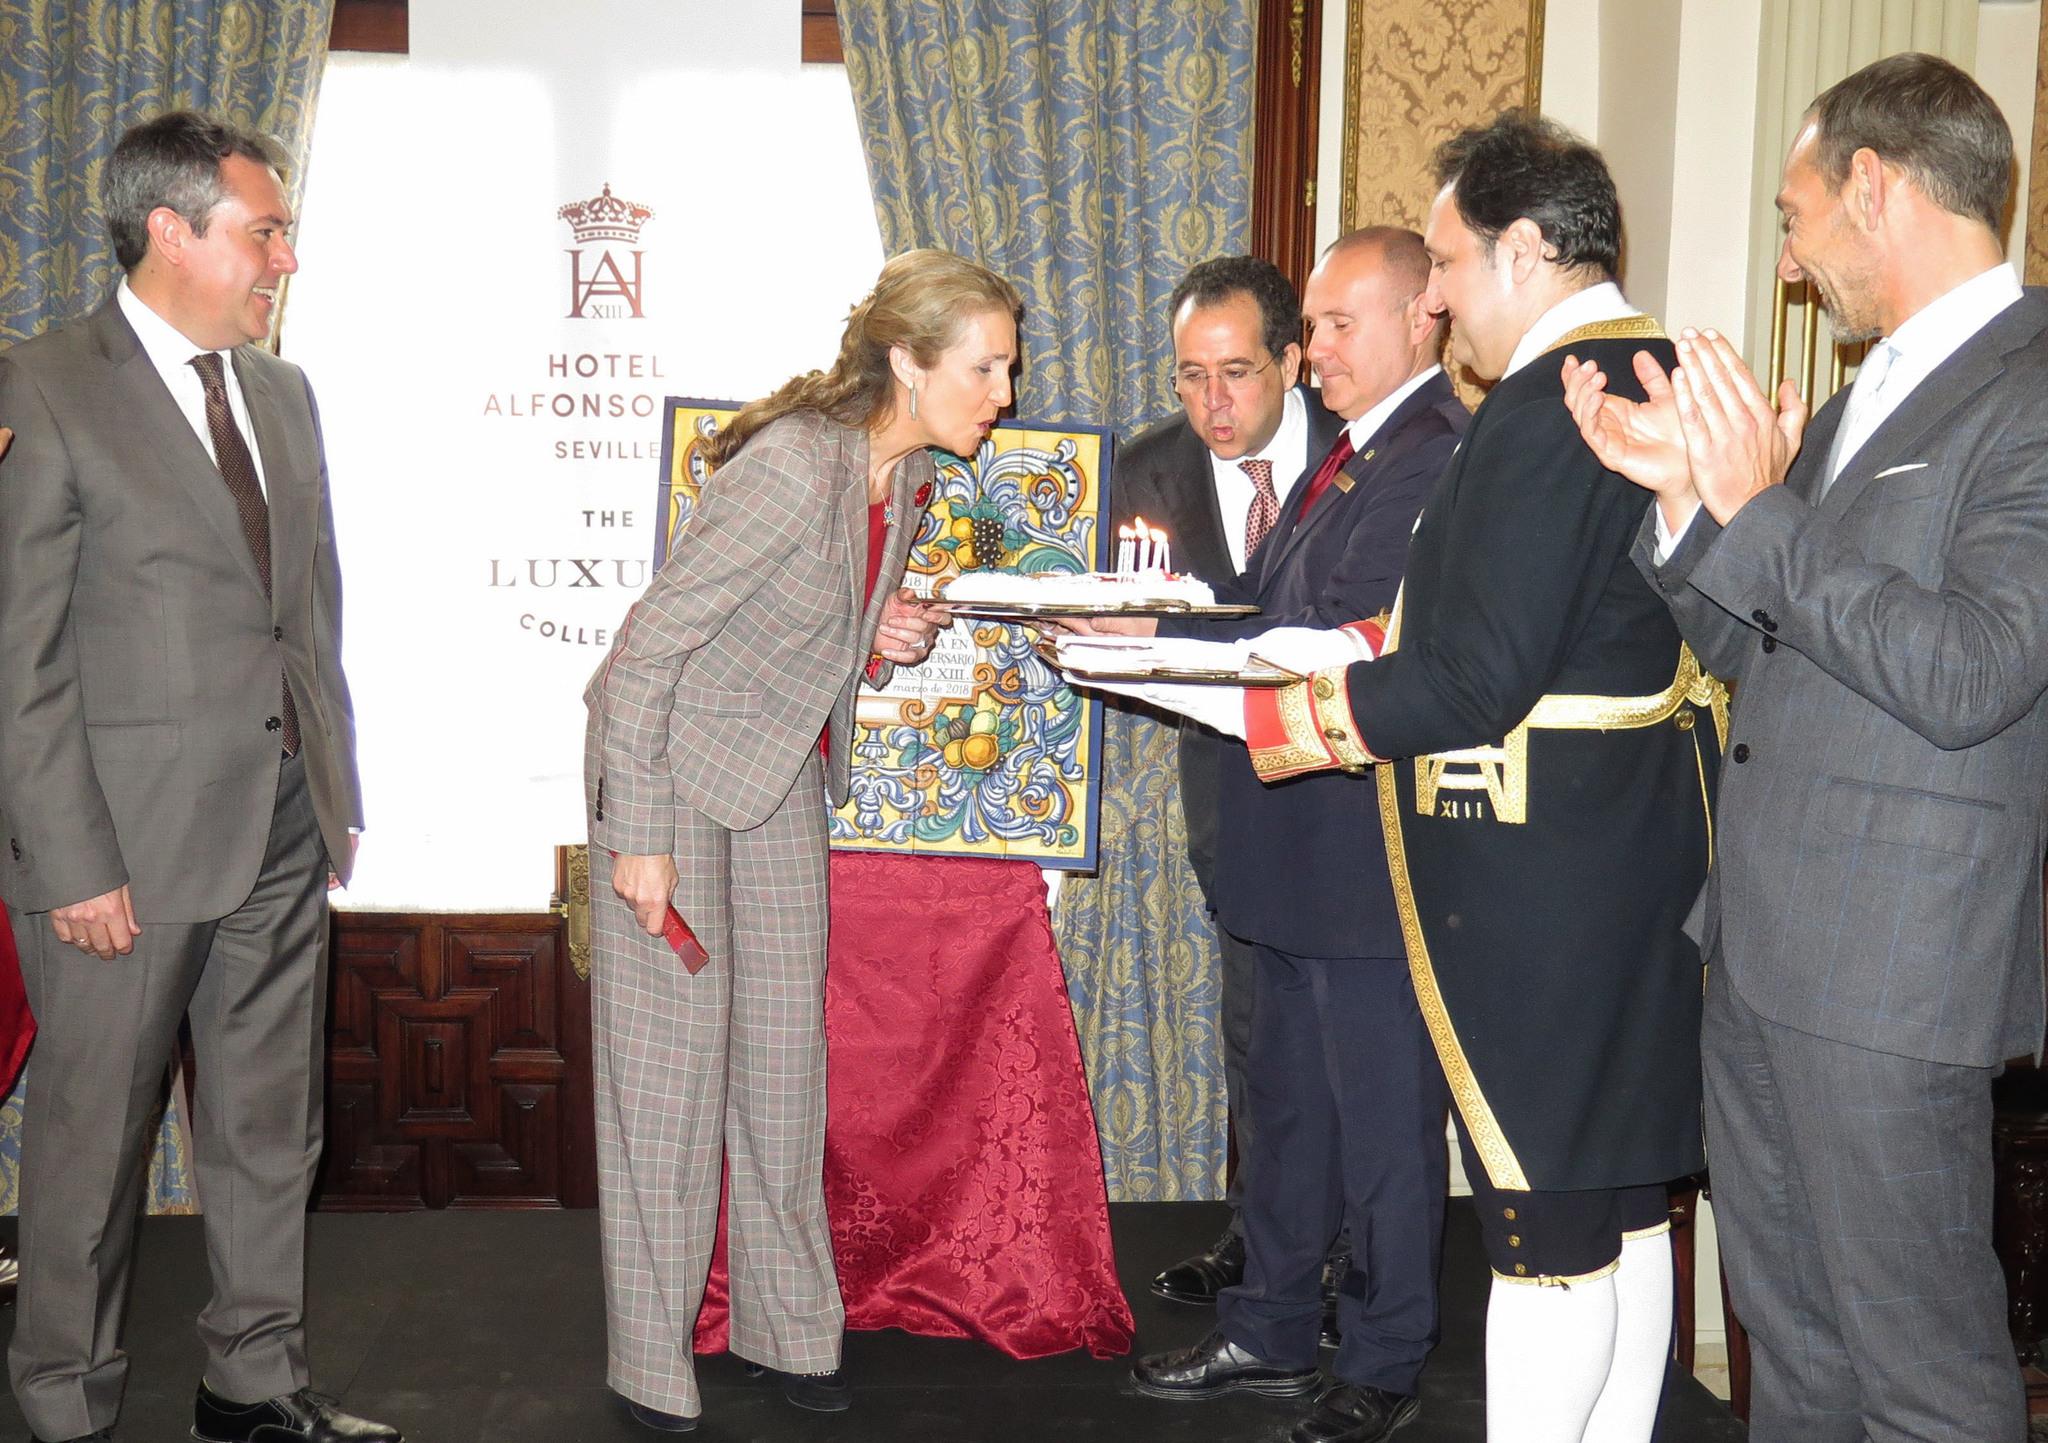 La Infanta Elena sopla las velas del 90 aniversario del hotel Alfonso XIII, junto a Juan Espadas (alcalde de Sevilla), Carlo Suffredini (hotel Alfonso XIII) y Richard Breckelmans (Marriott España y Portugal).